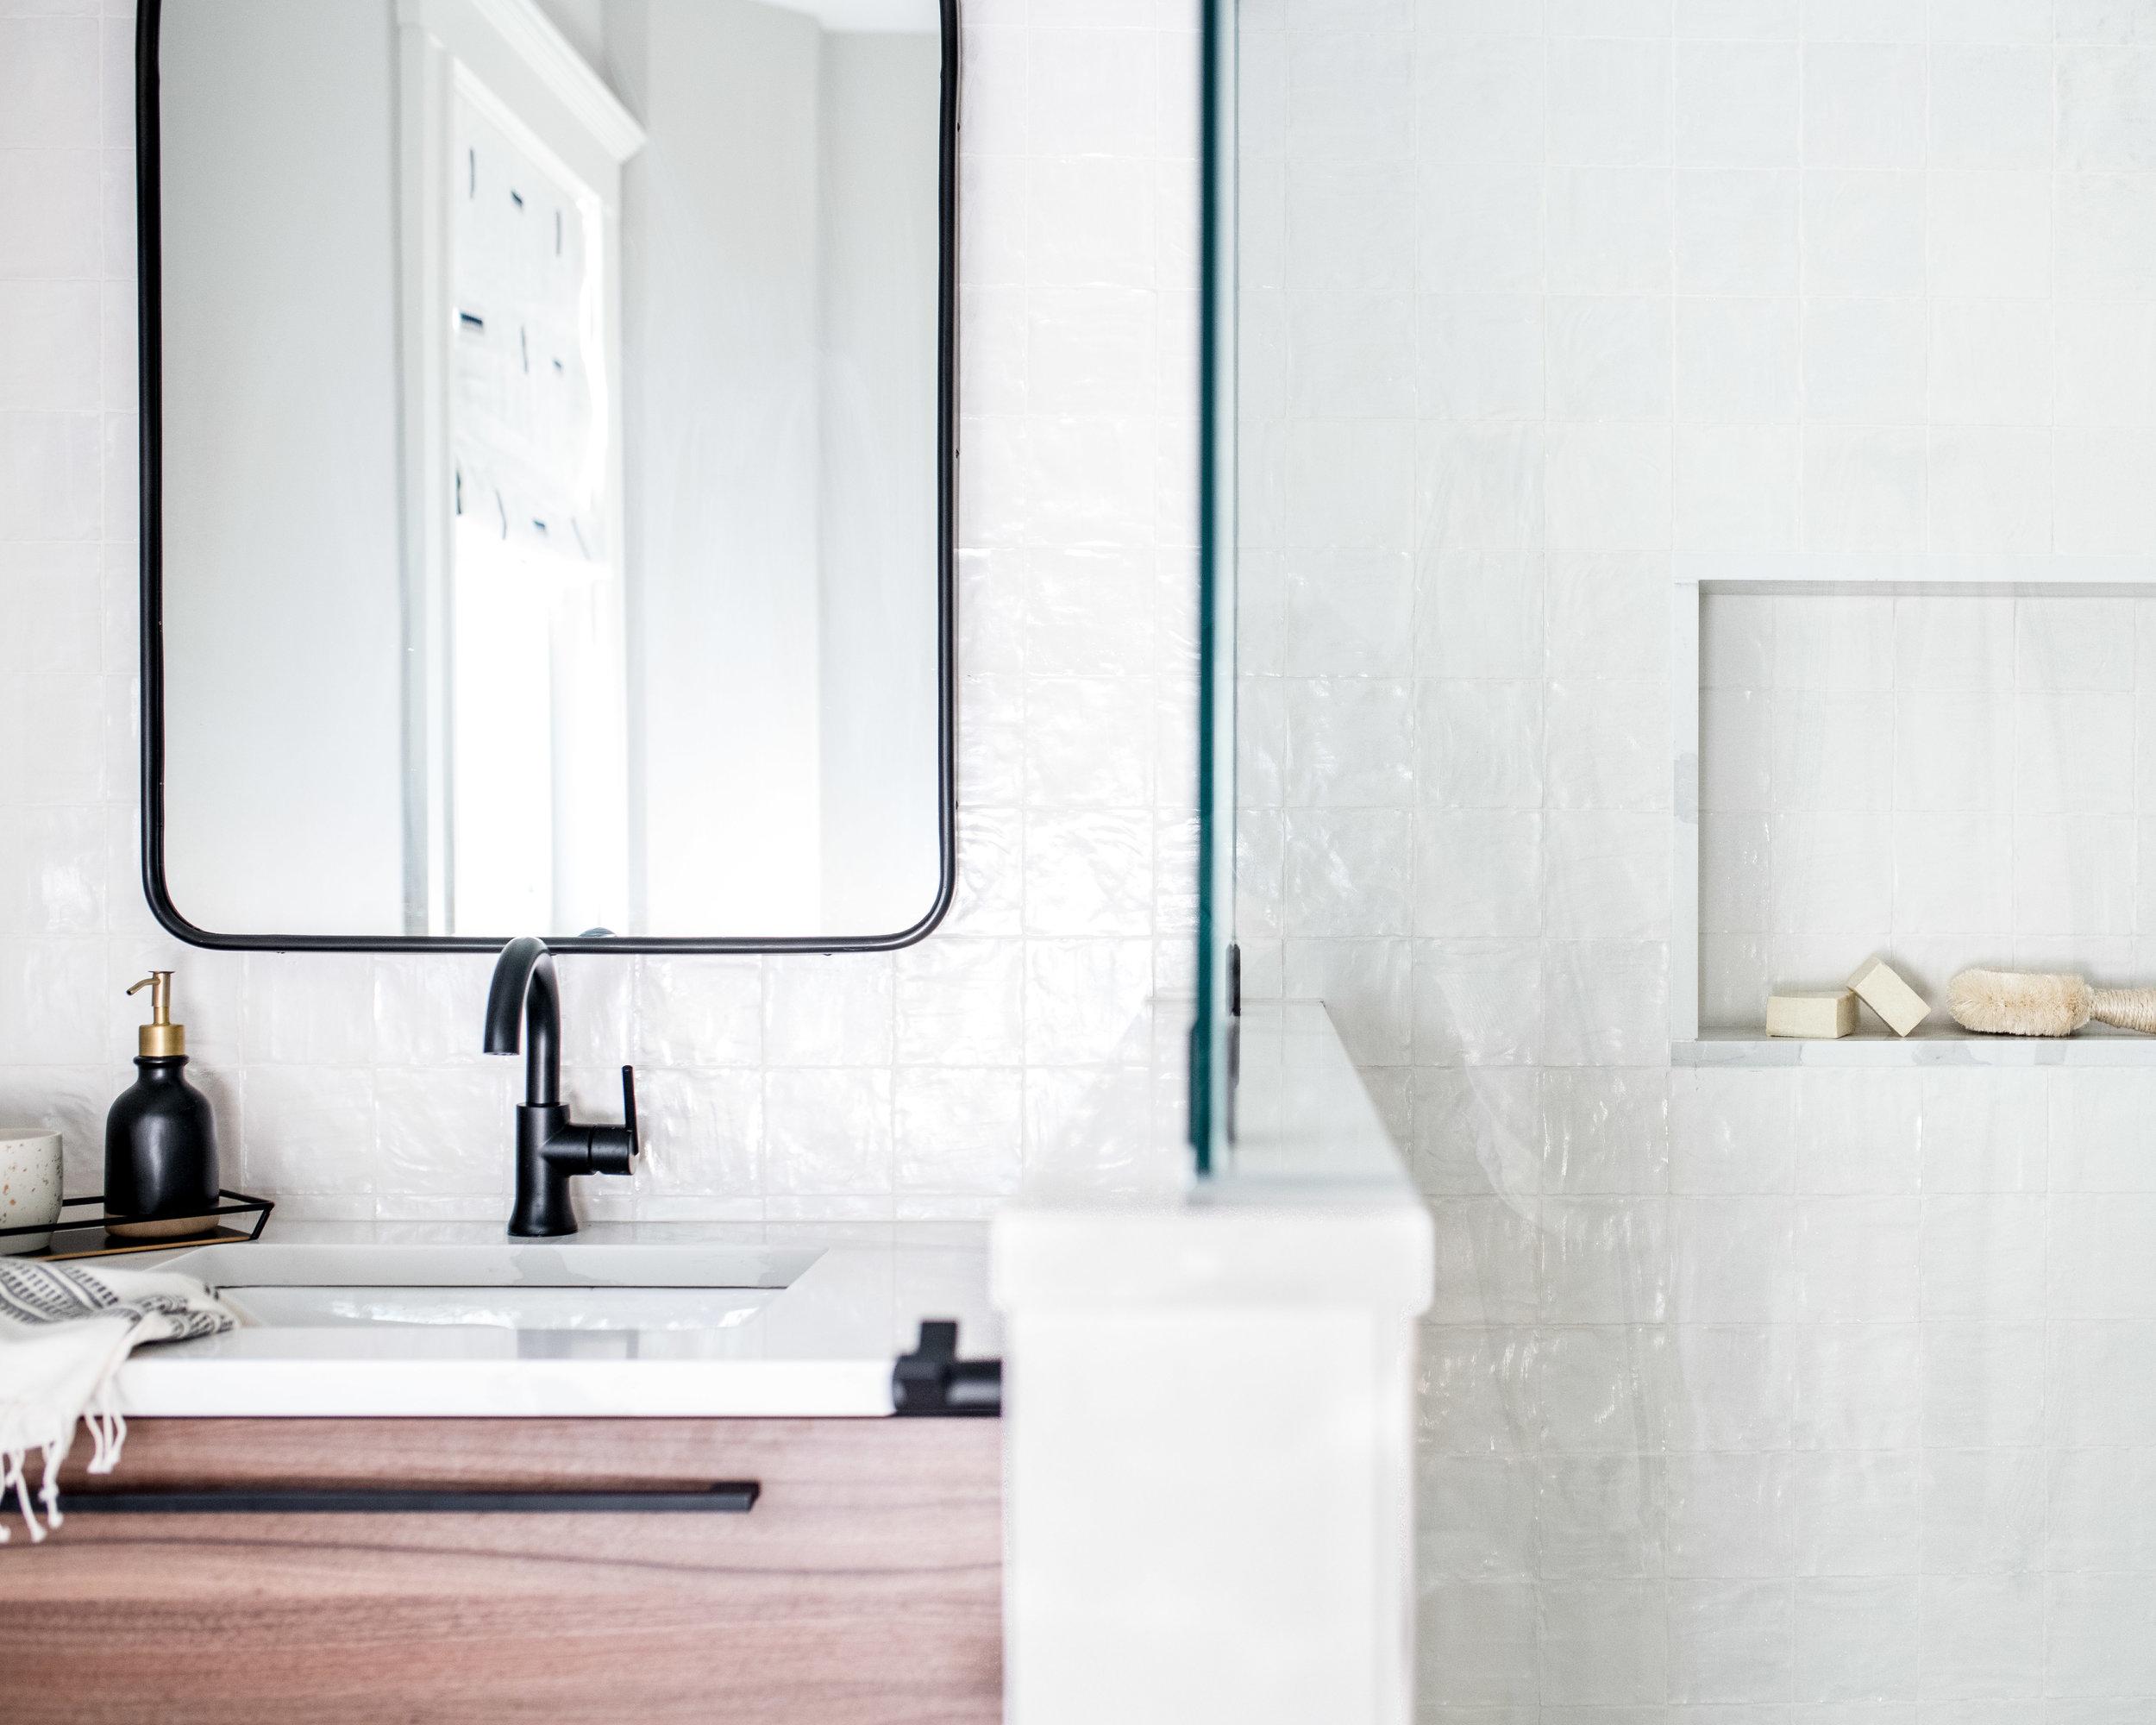 modern Bathroom Renovation after